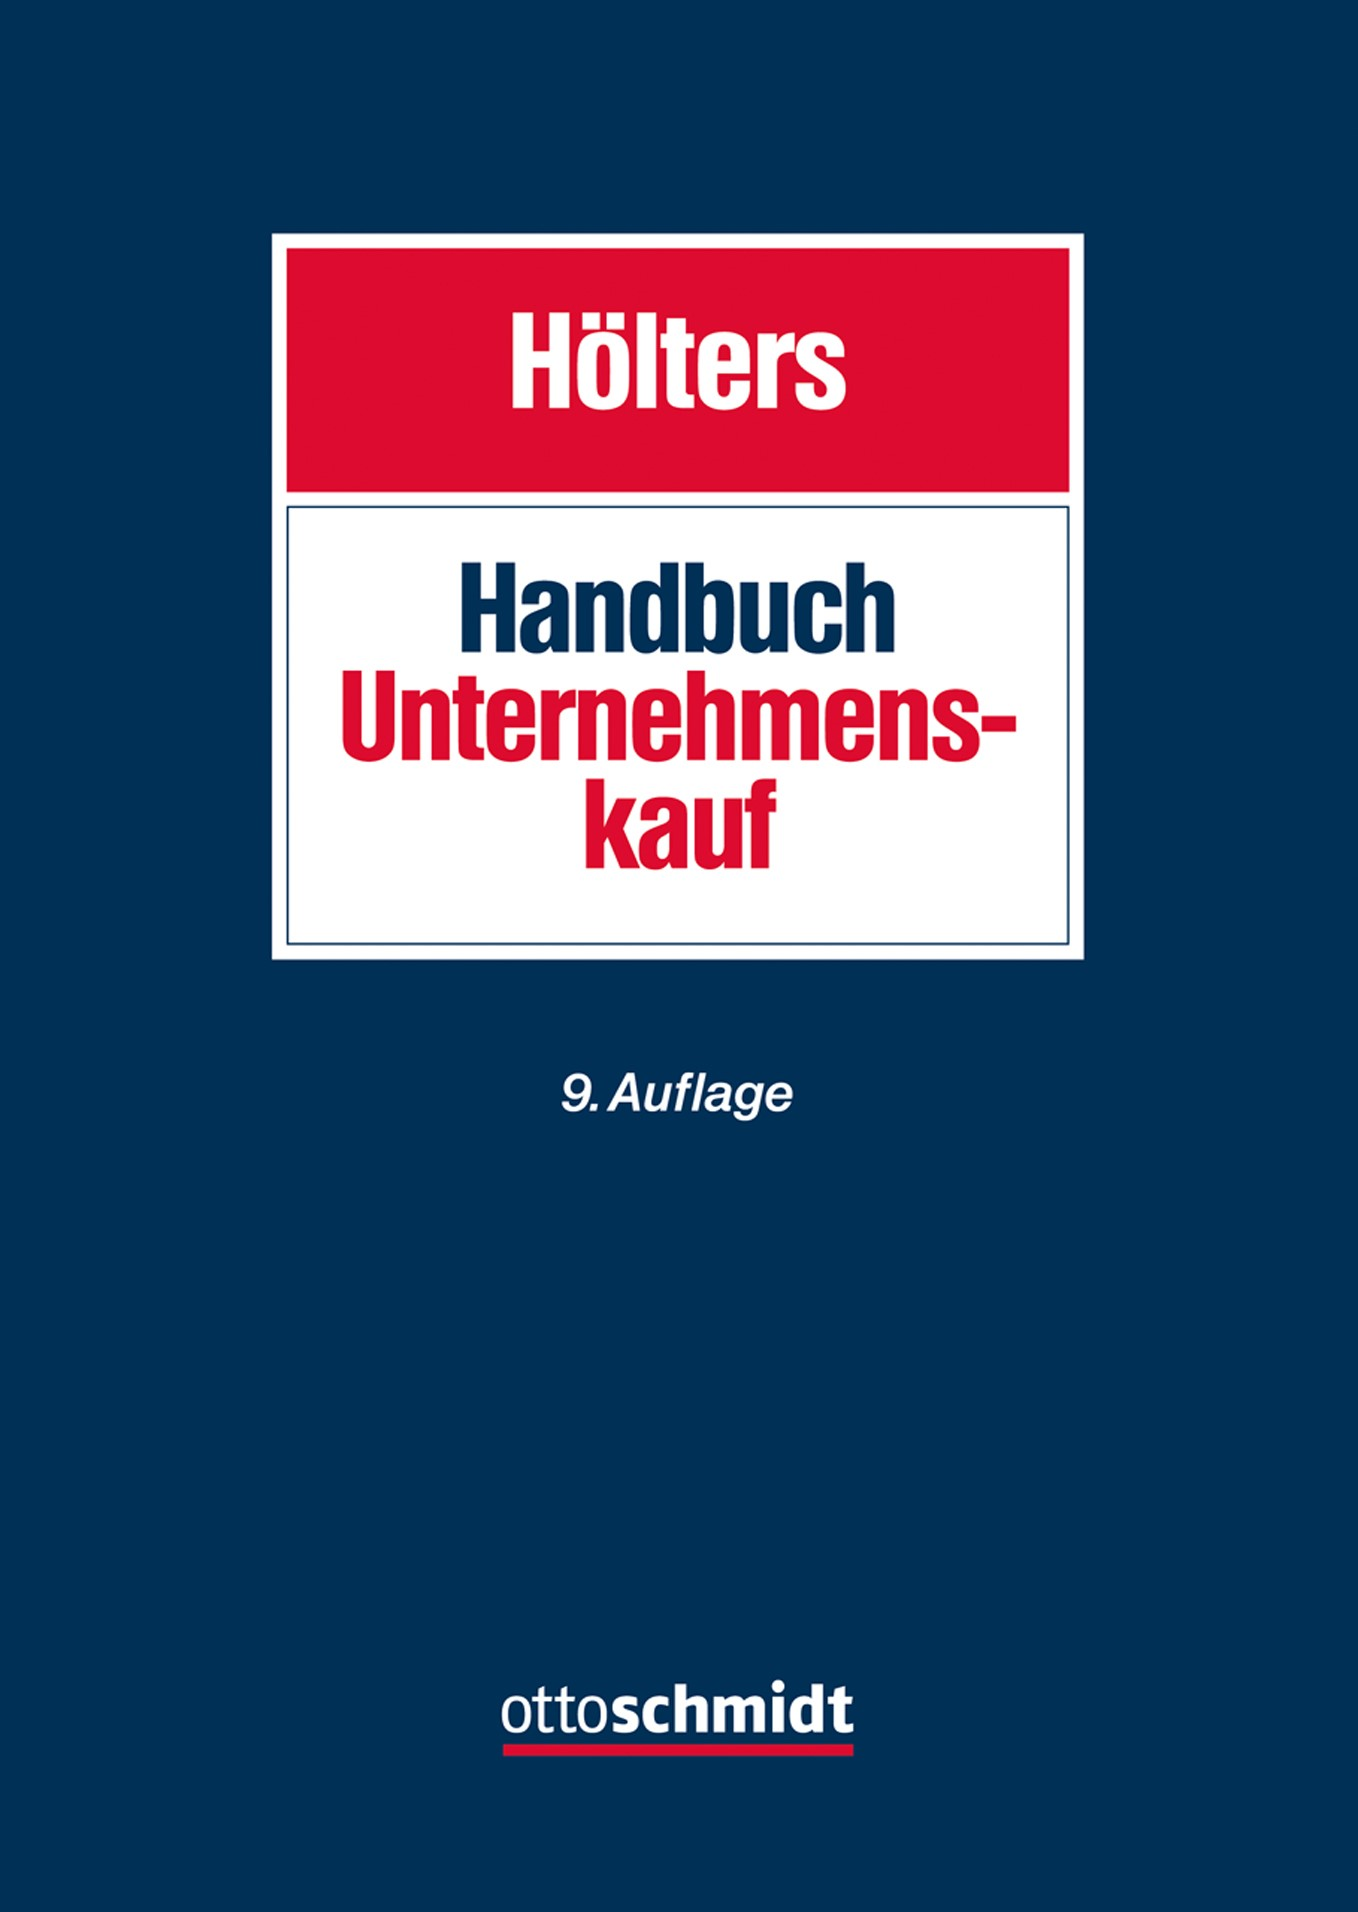 Handbuch Unternehmenskauf | Hölters (Hrsg.) | 9., neu bearbeitete Auflage, 2018 | Buch (Cover)